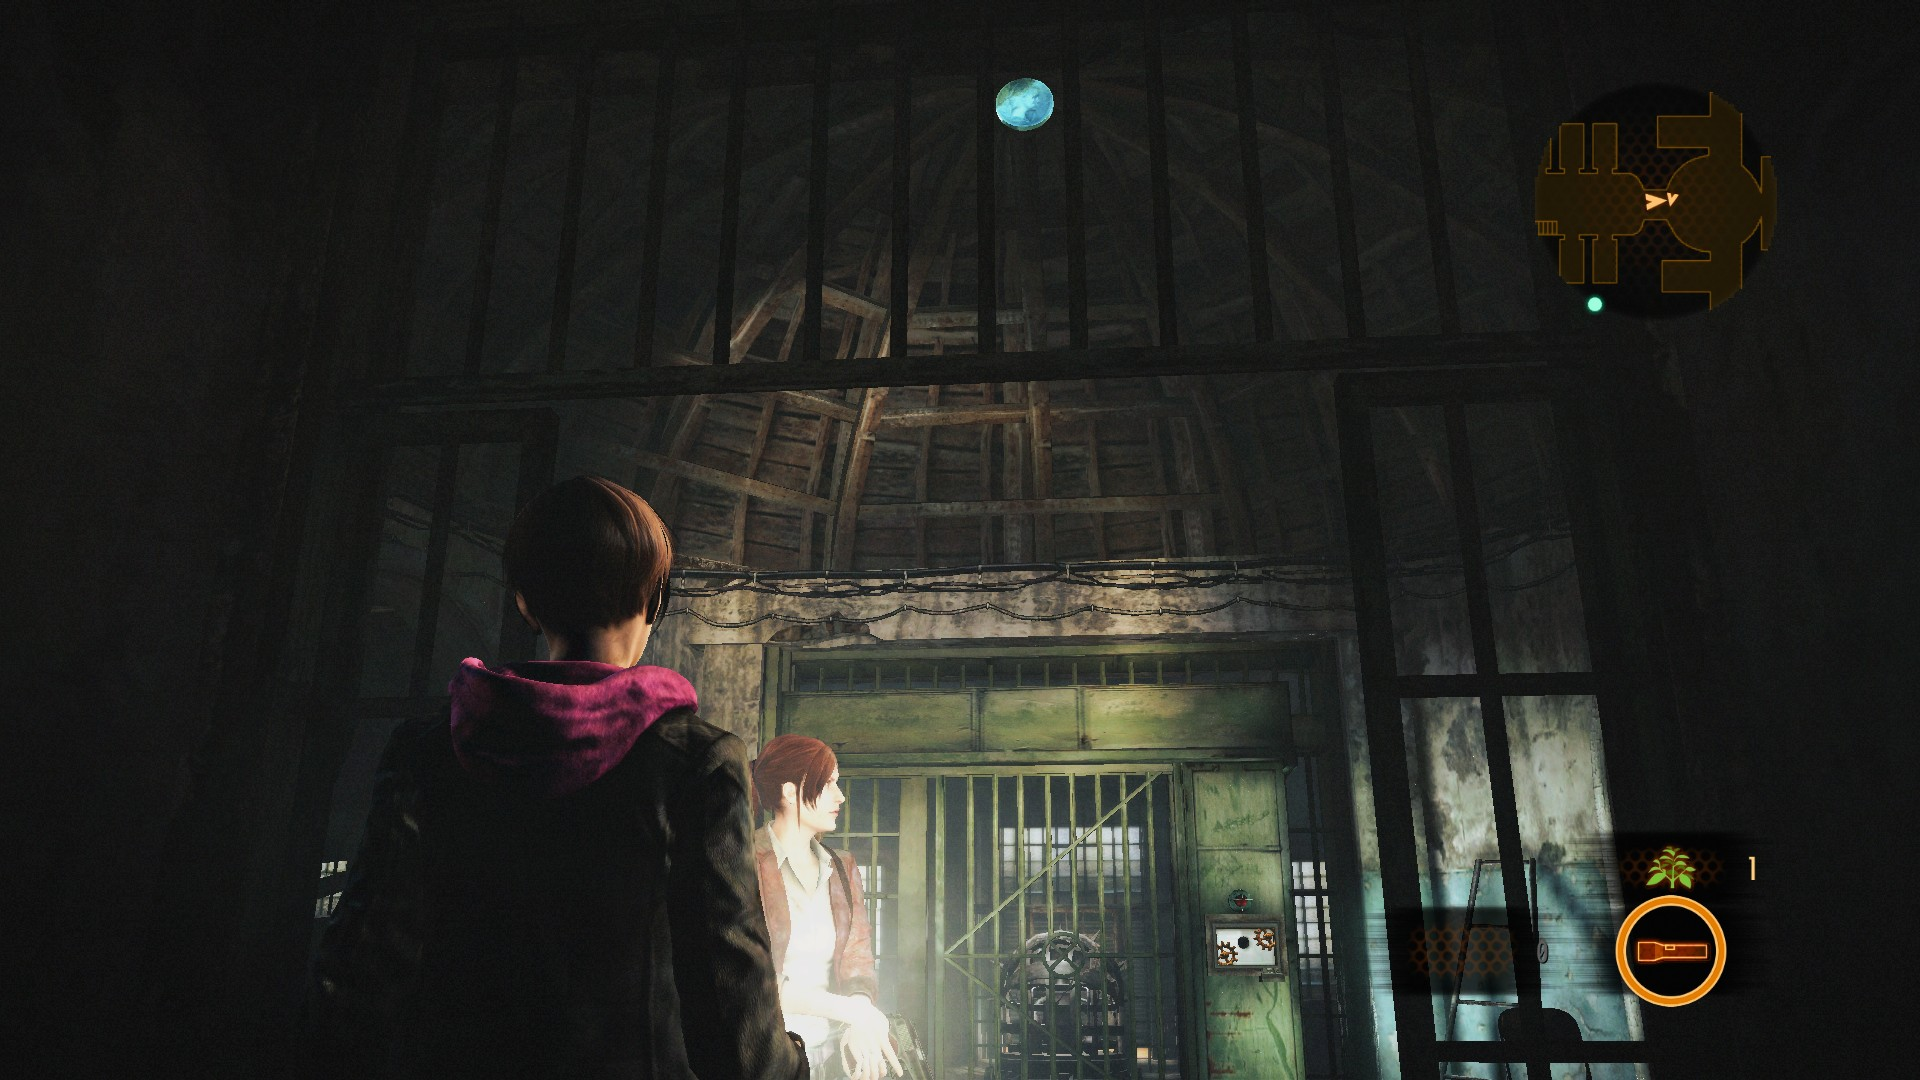 [عکس: Tower_Emblem_3_Resident_Evil_Revelations_2_2.jpg]